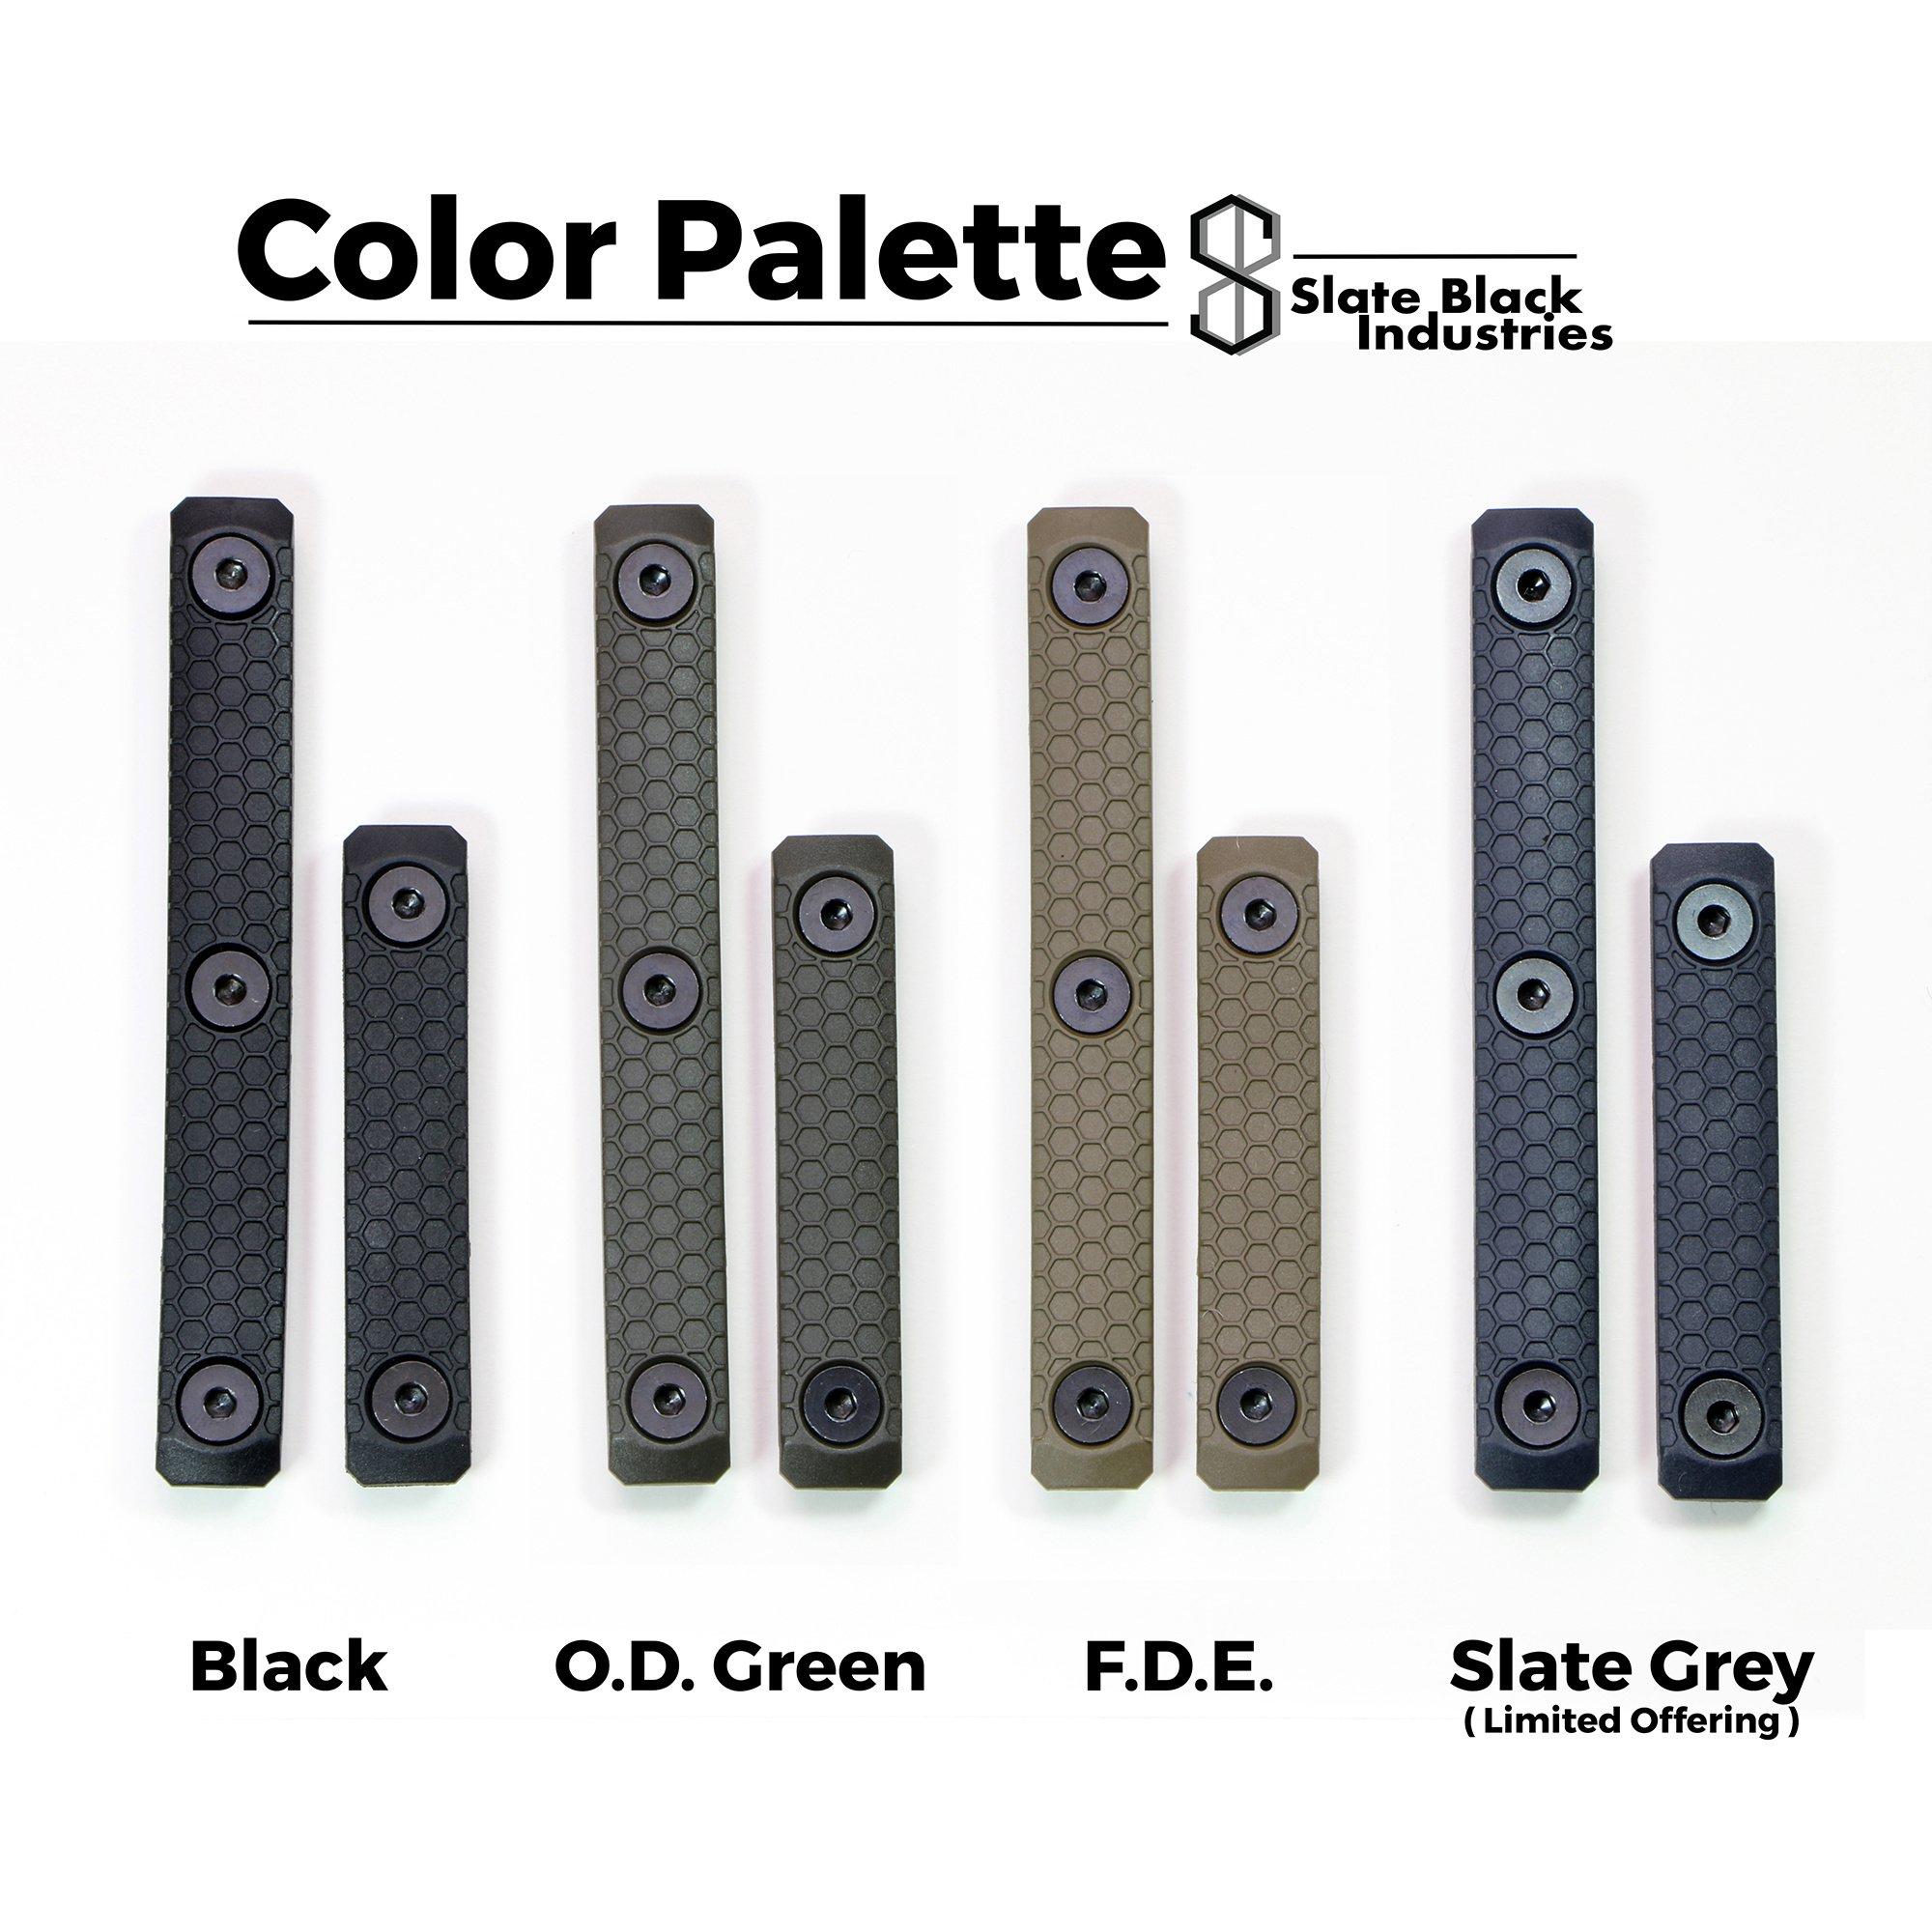 Slate Black Industries Slate Panels, 3-slot (Commercial 3-pack)